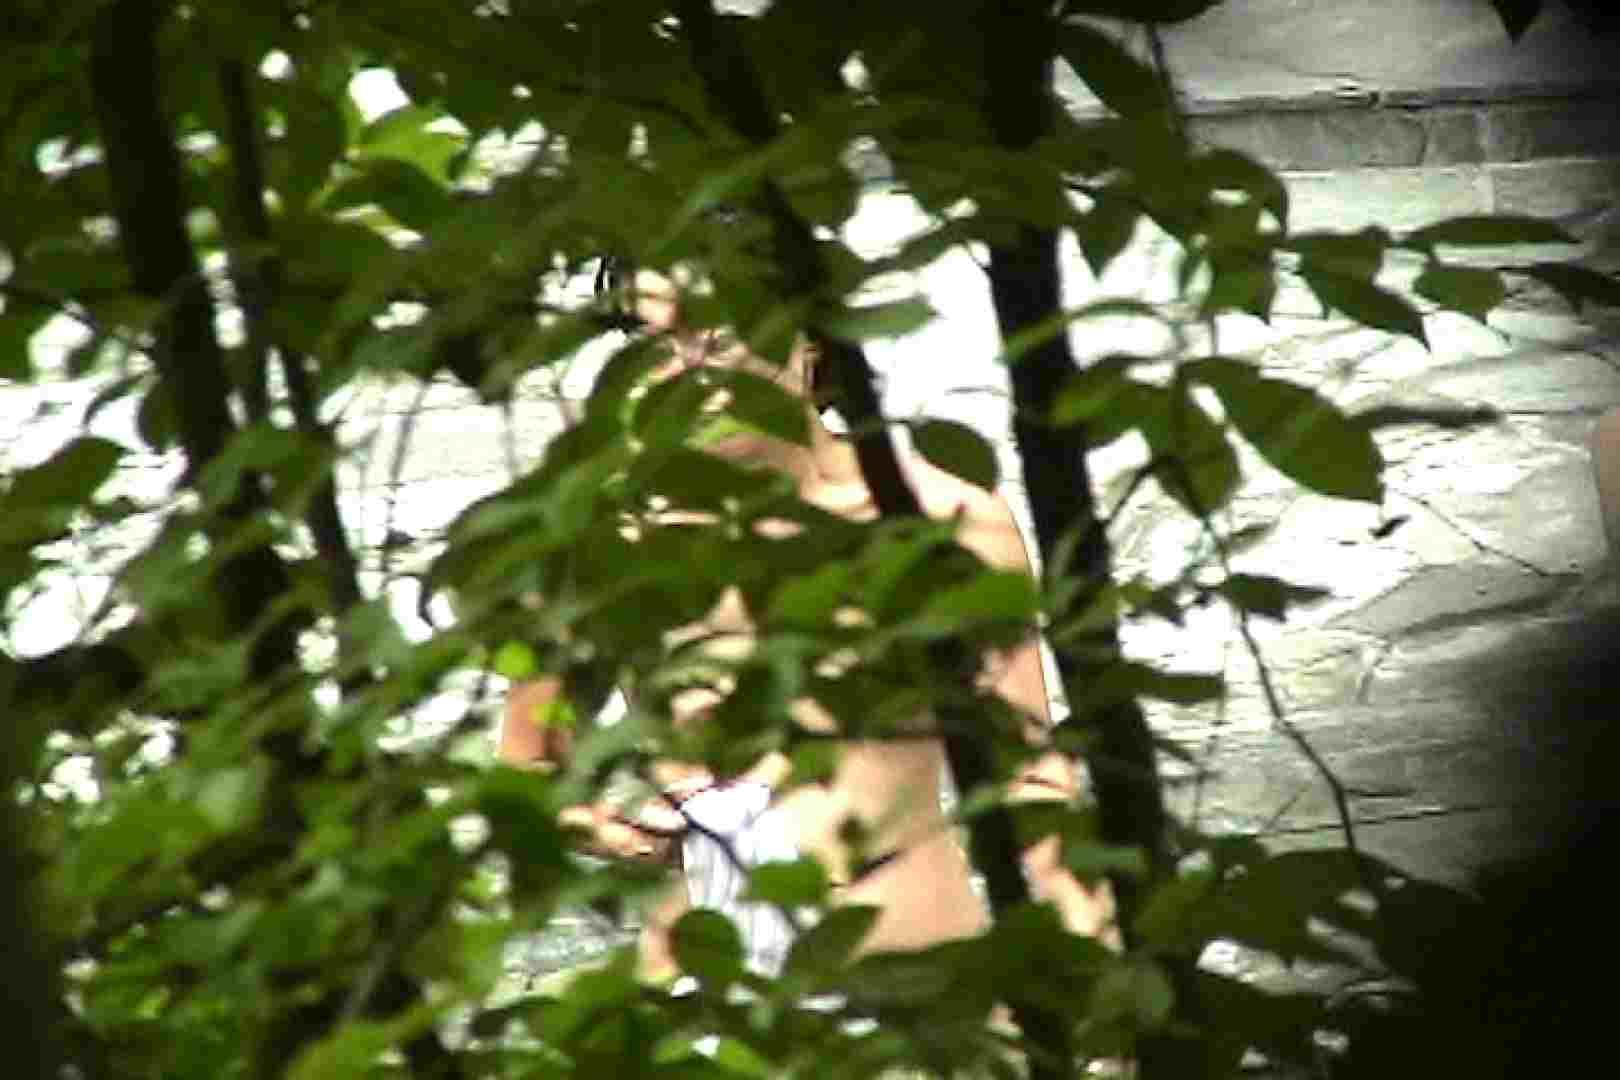 お女市さま編 オムニバスVol.8 露天風呂の女子達 エロ画像 59画像 55